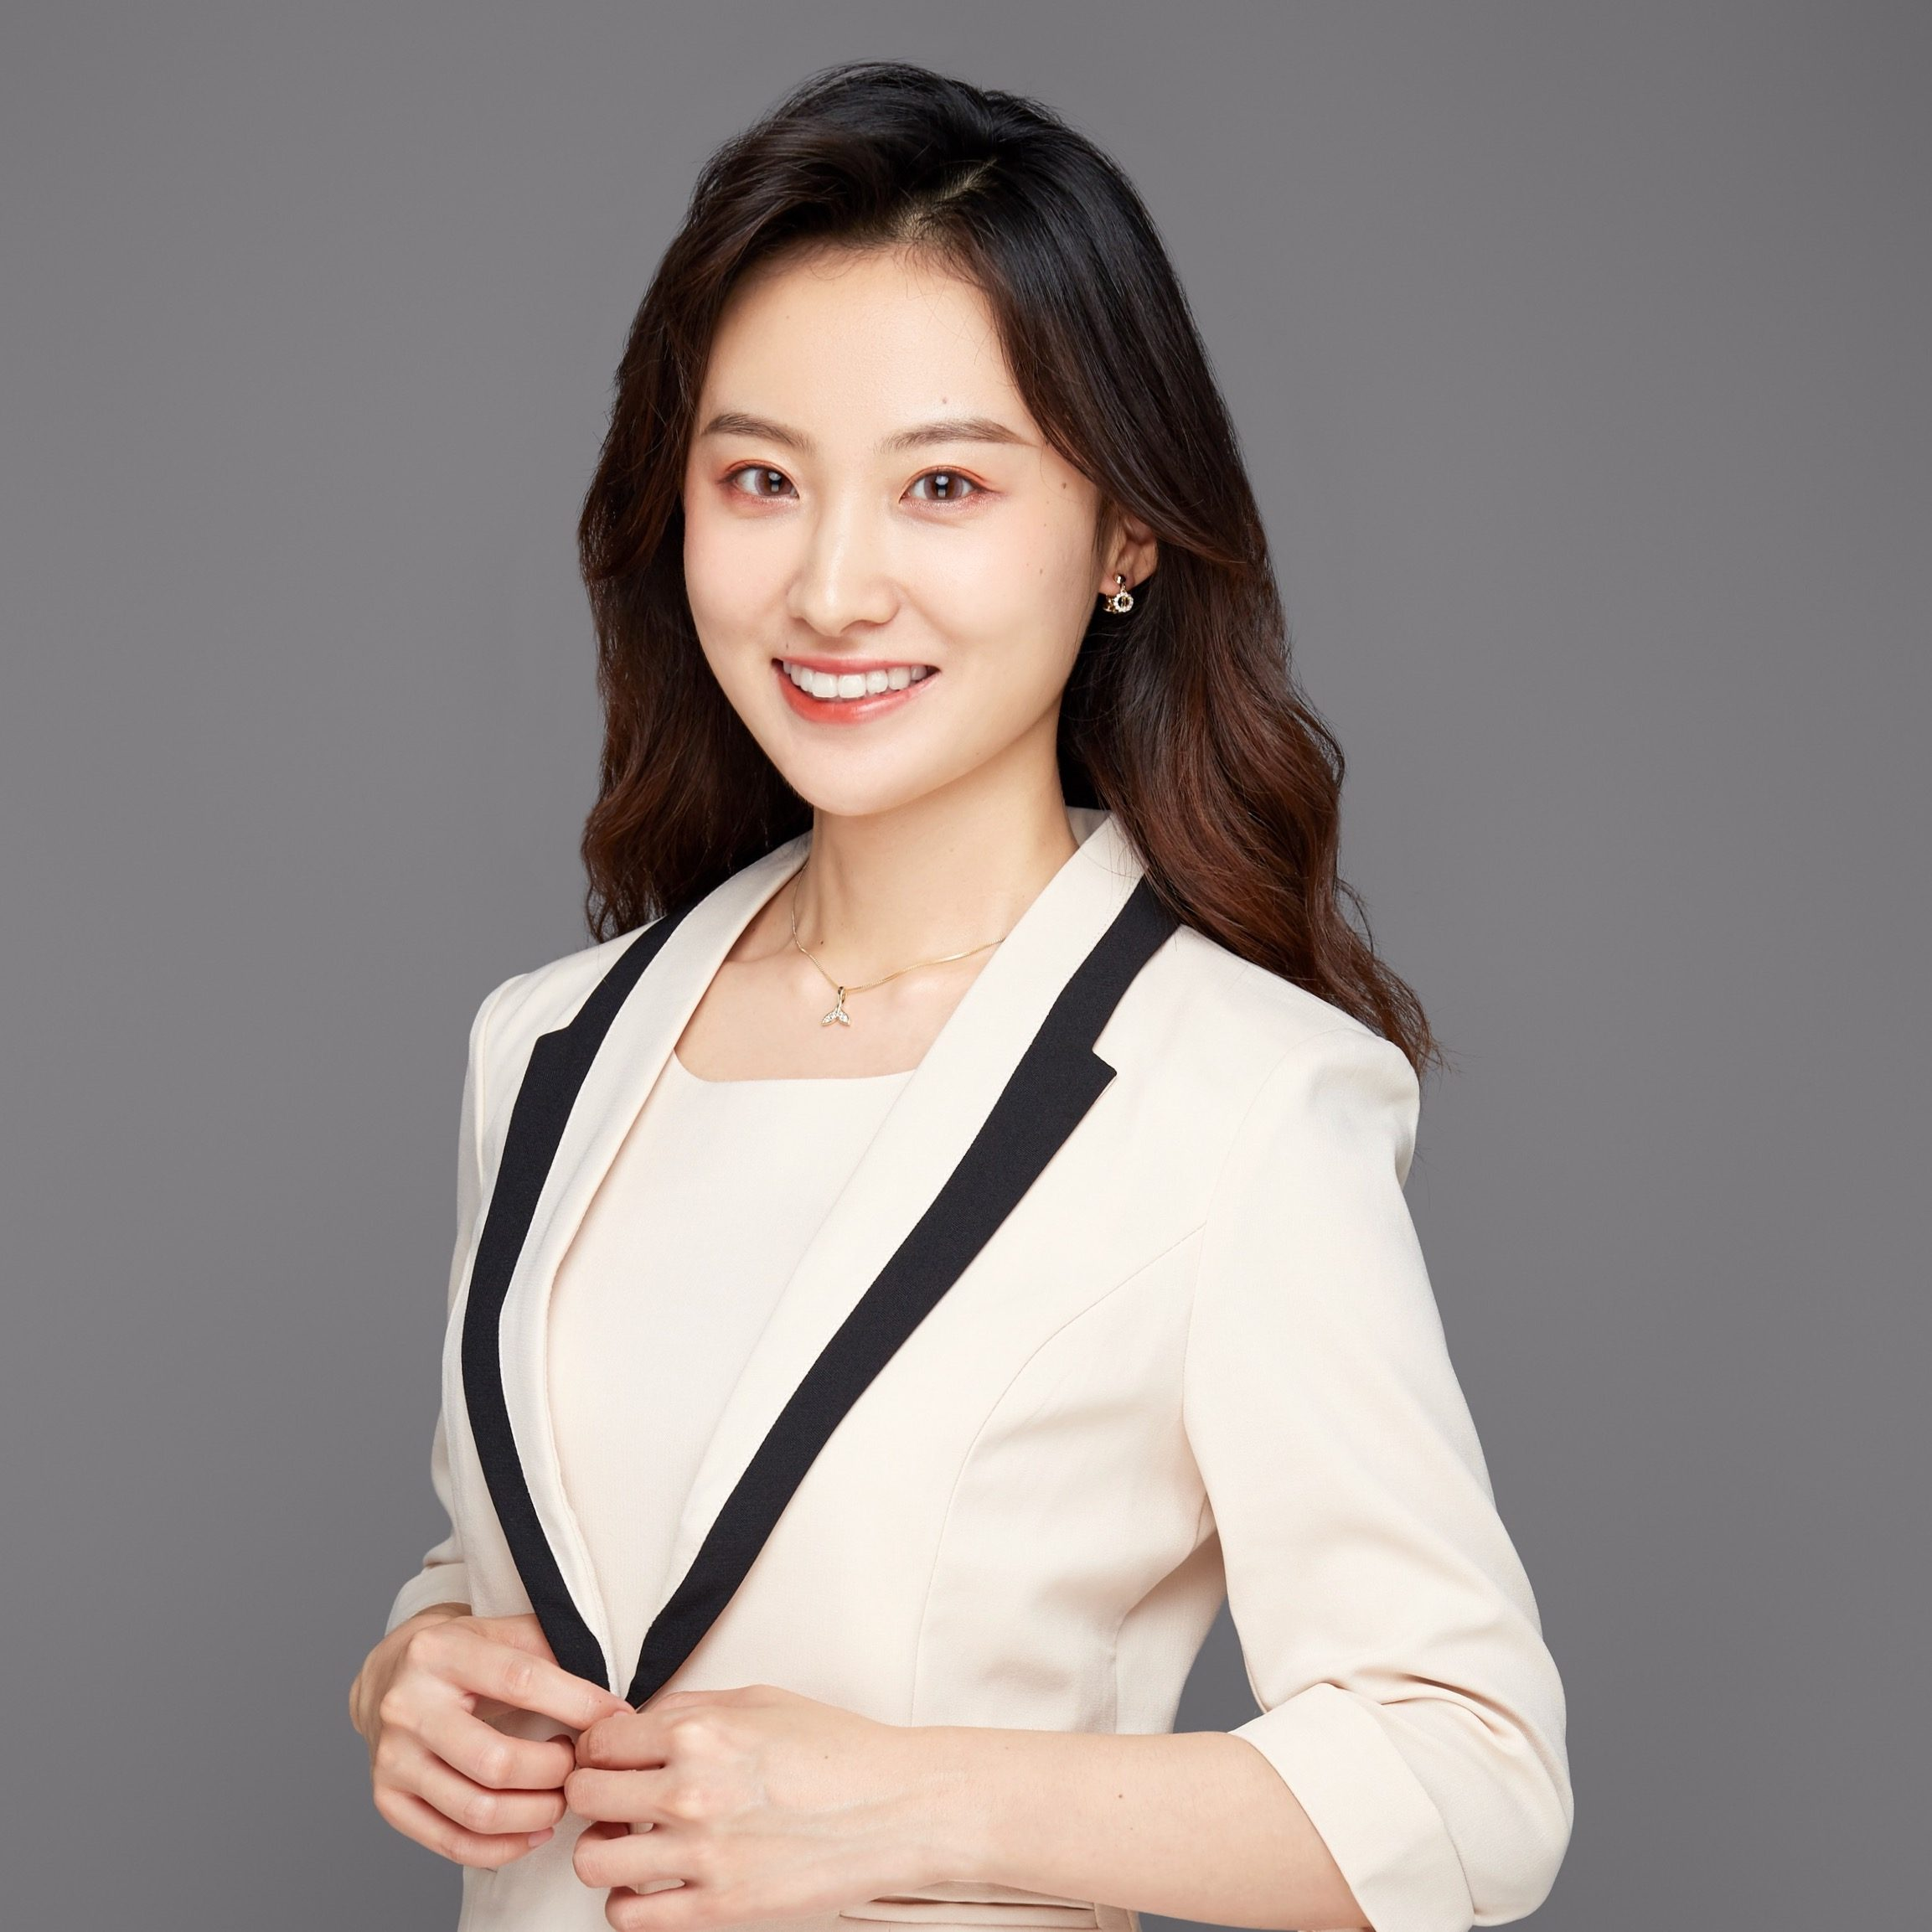 Jing-Wen Zhang